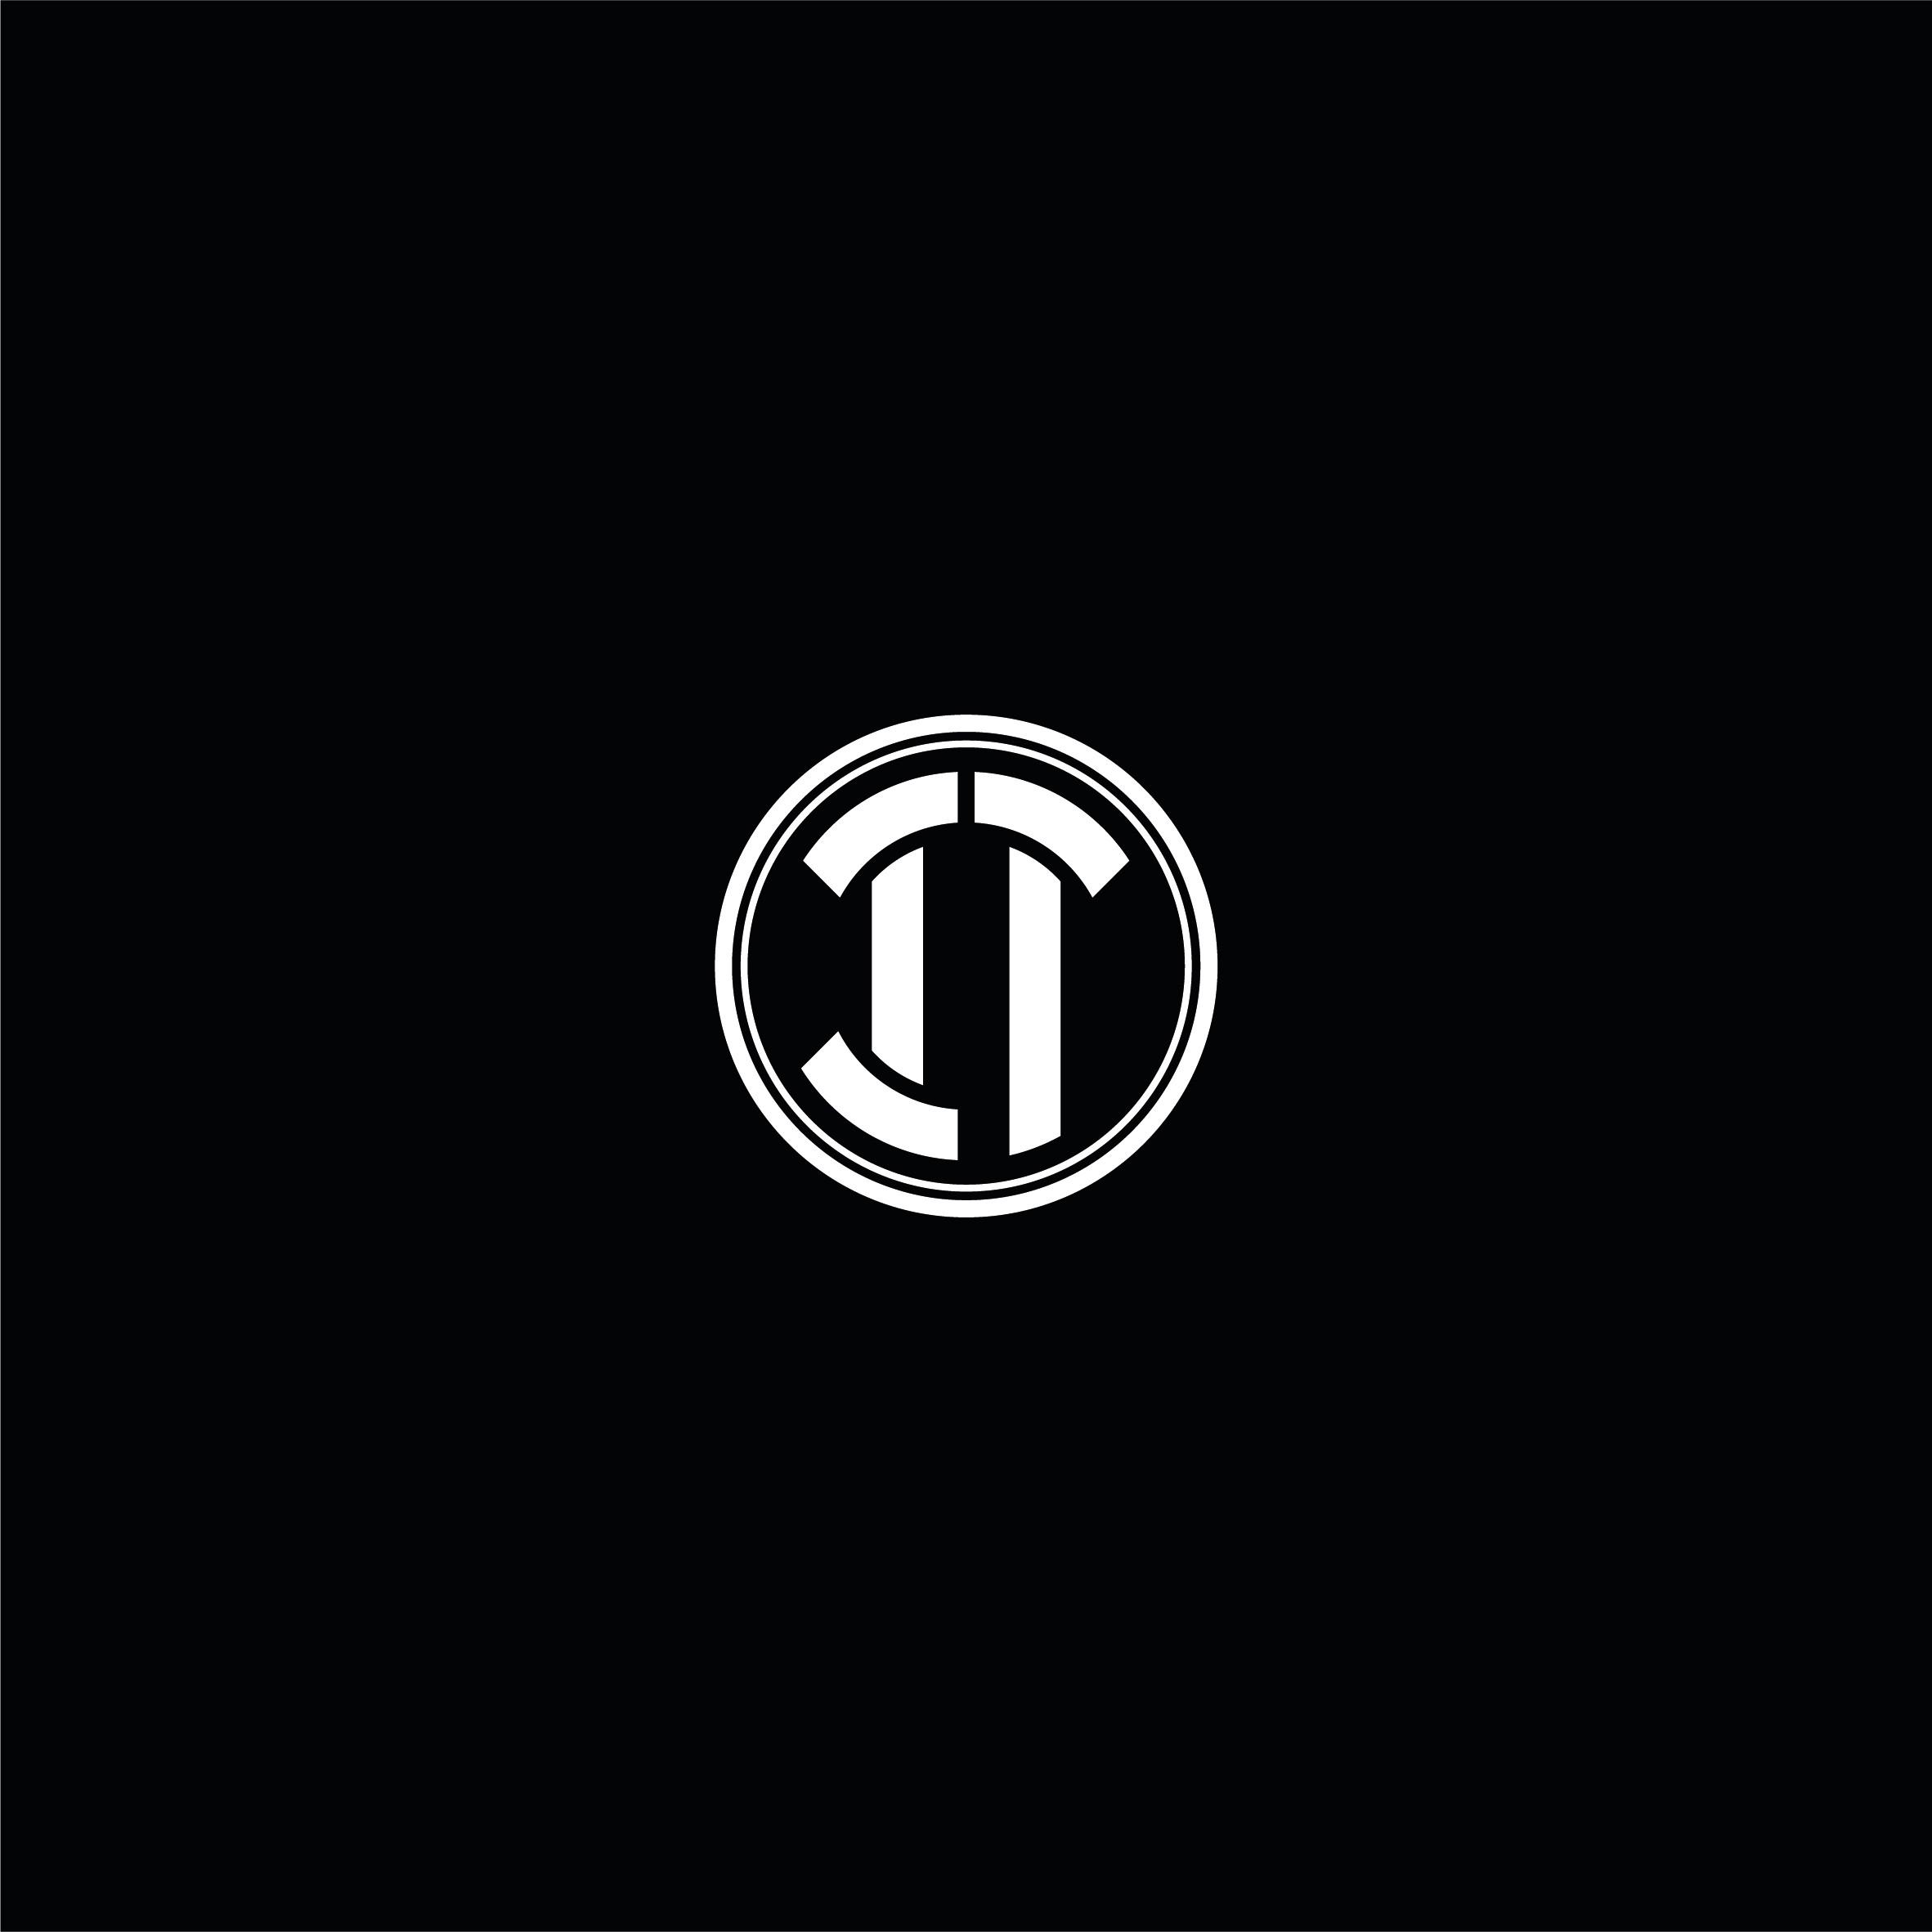 Logo design for punk-rock band